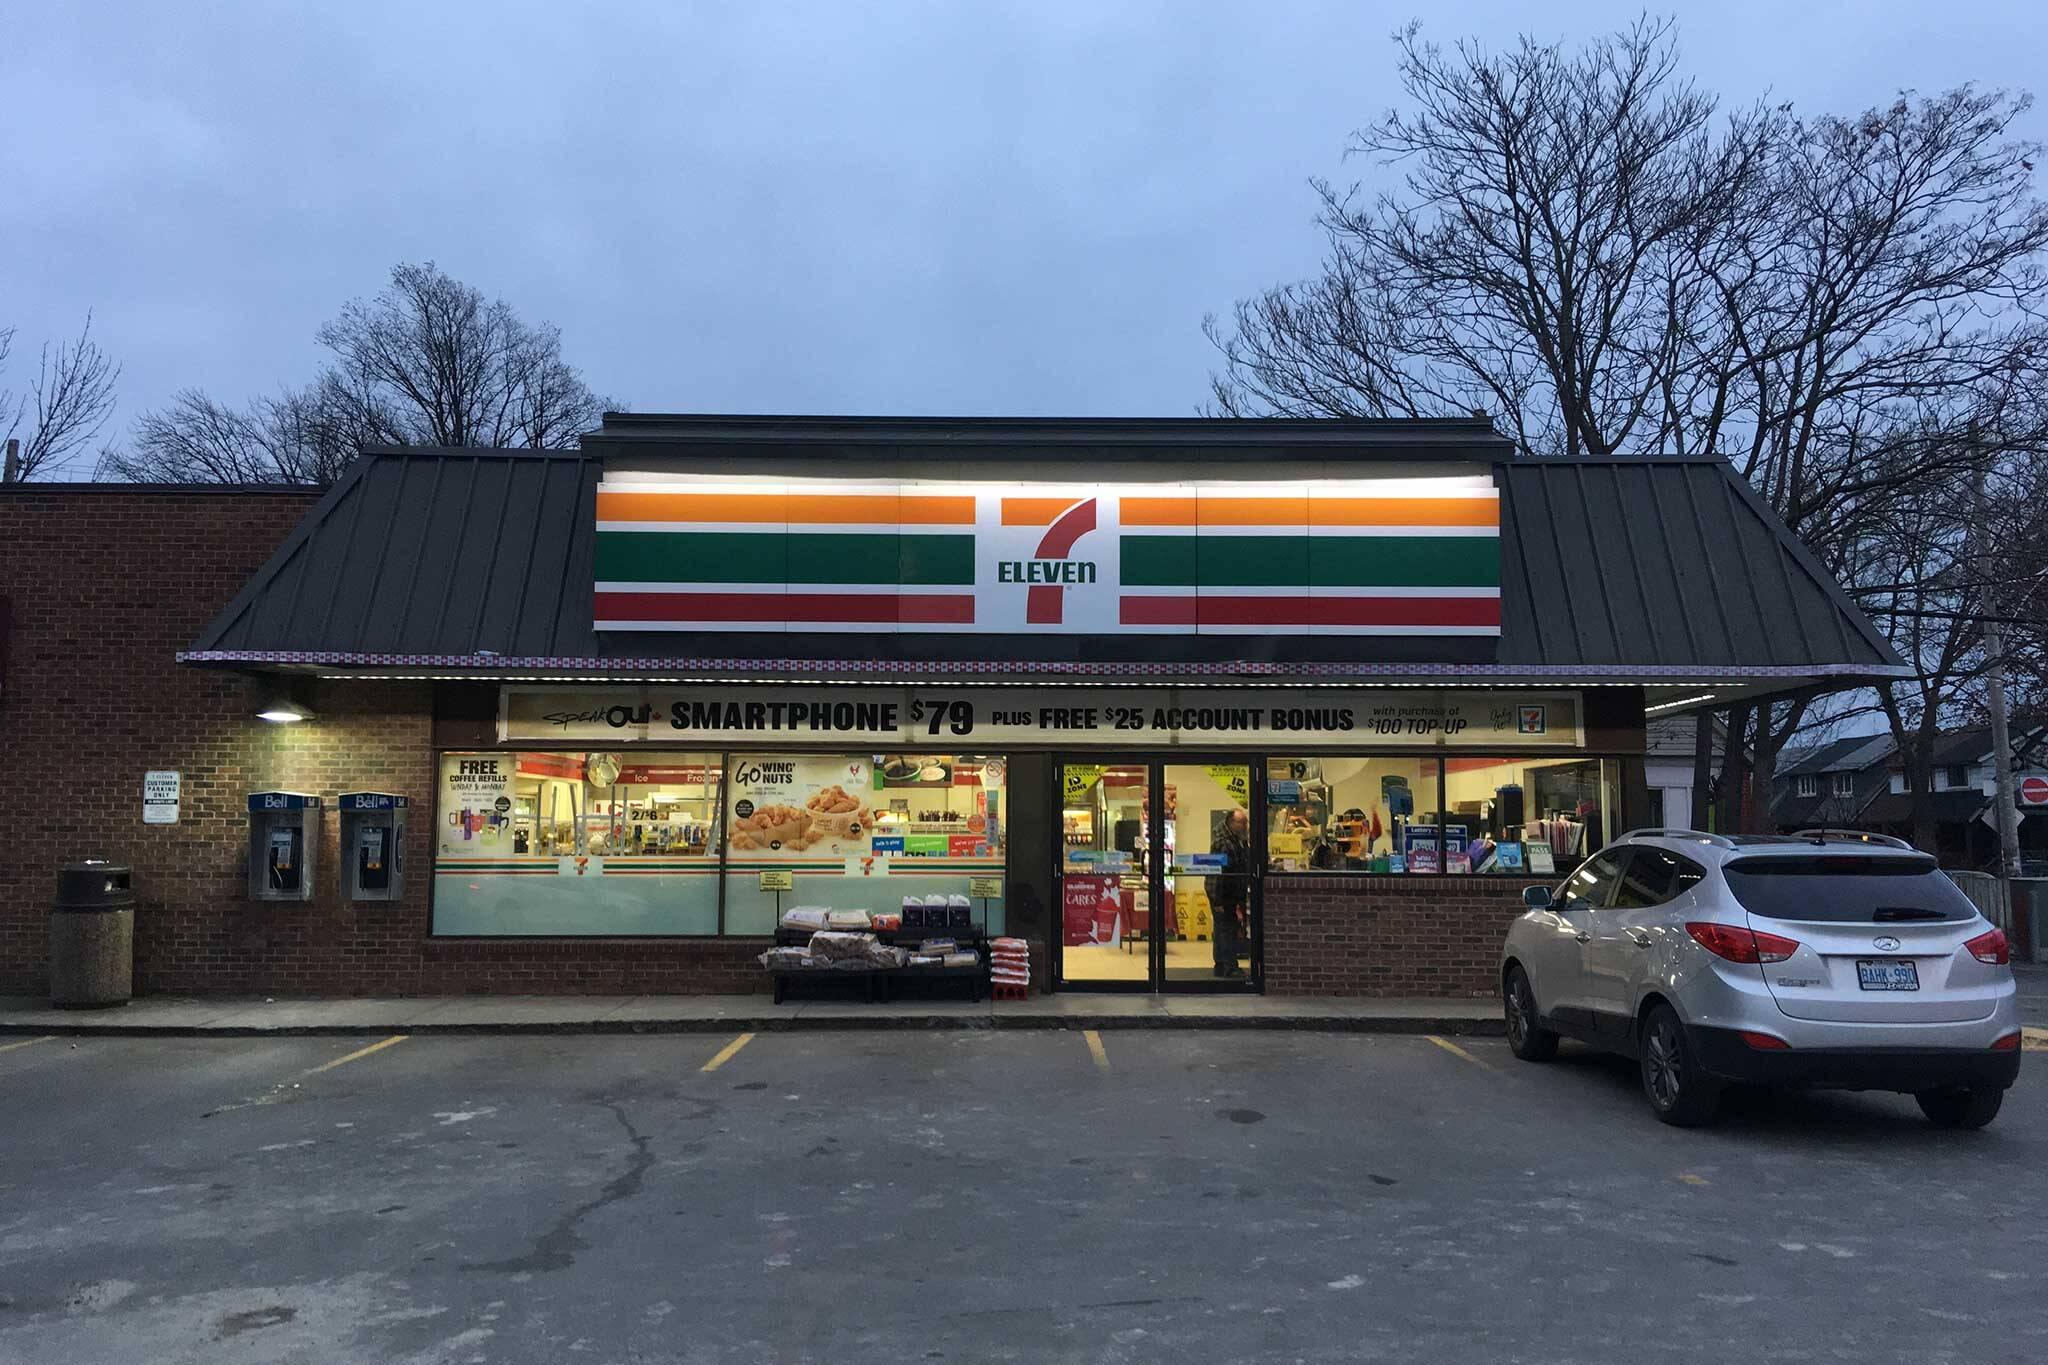 7-Eleven Toronto